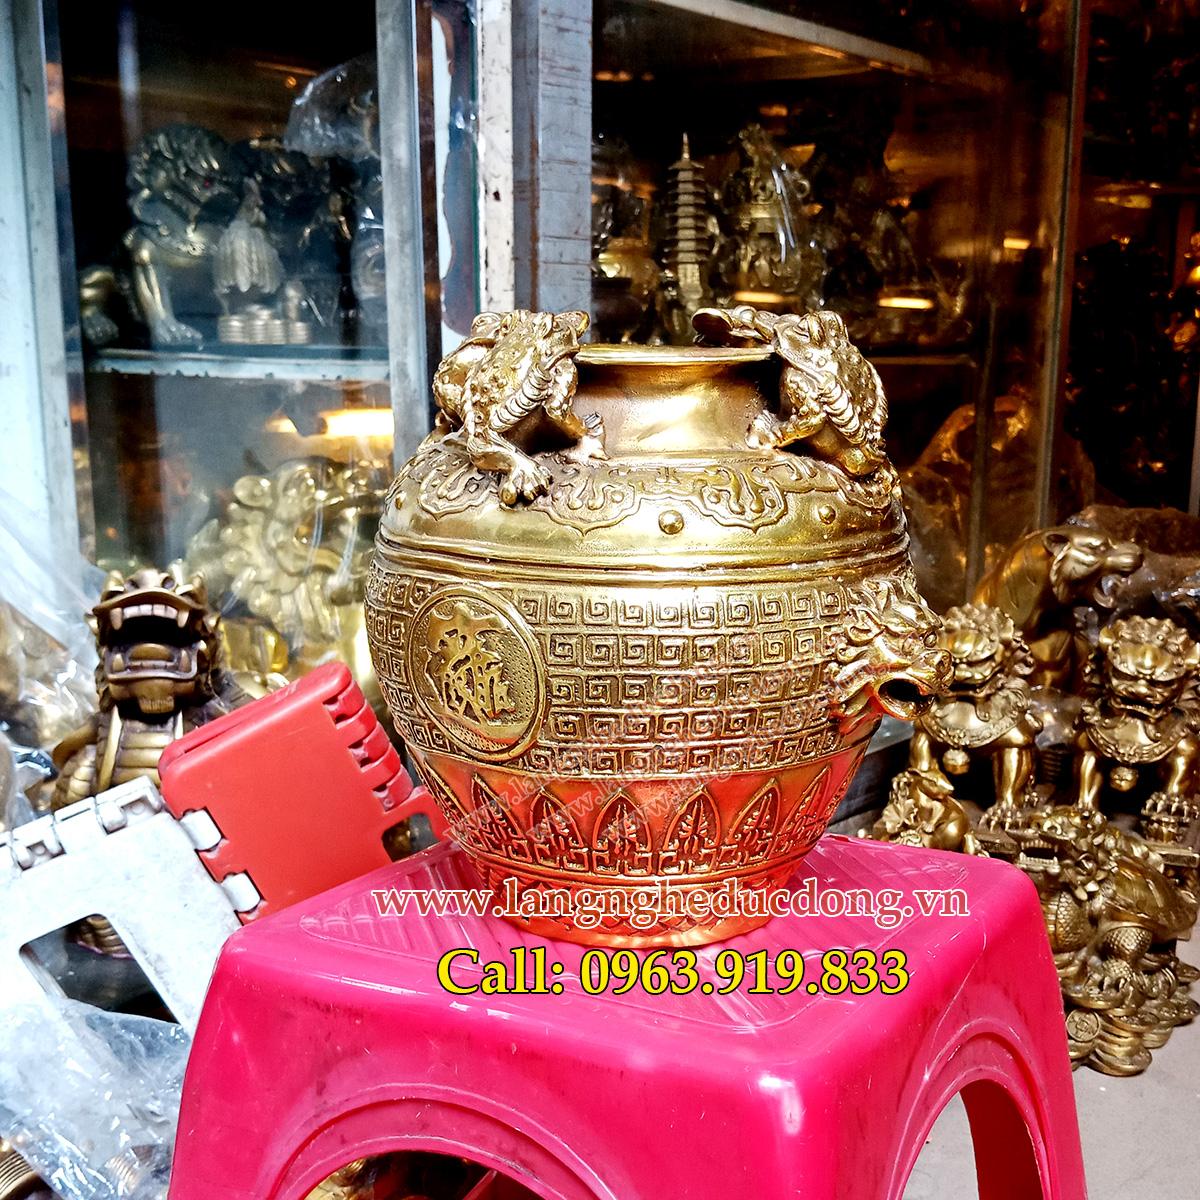 langngheducdong.vn - đồ đồng, đồ phong thủy bằng đồng, vật phẩm phong thủy bằng đồng